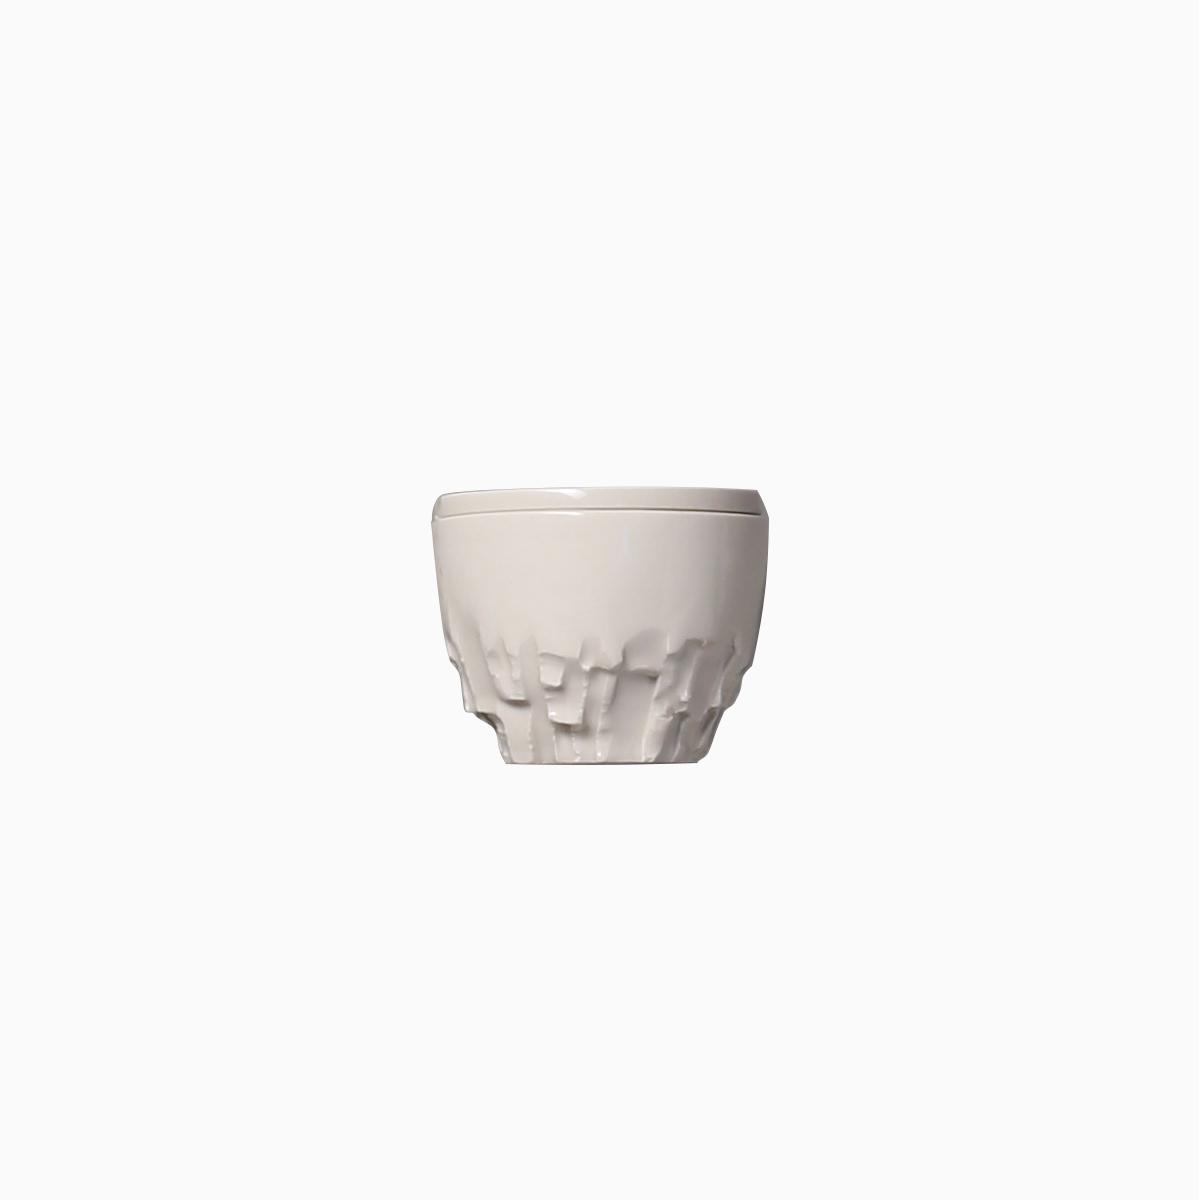 Espresso Cup / Sugar Bowl, Lid